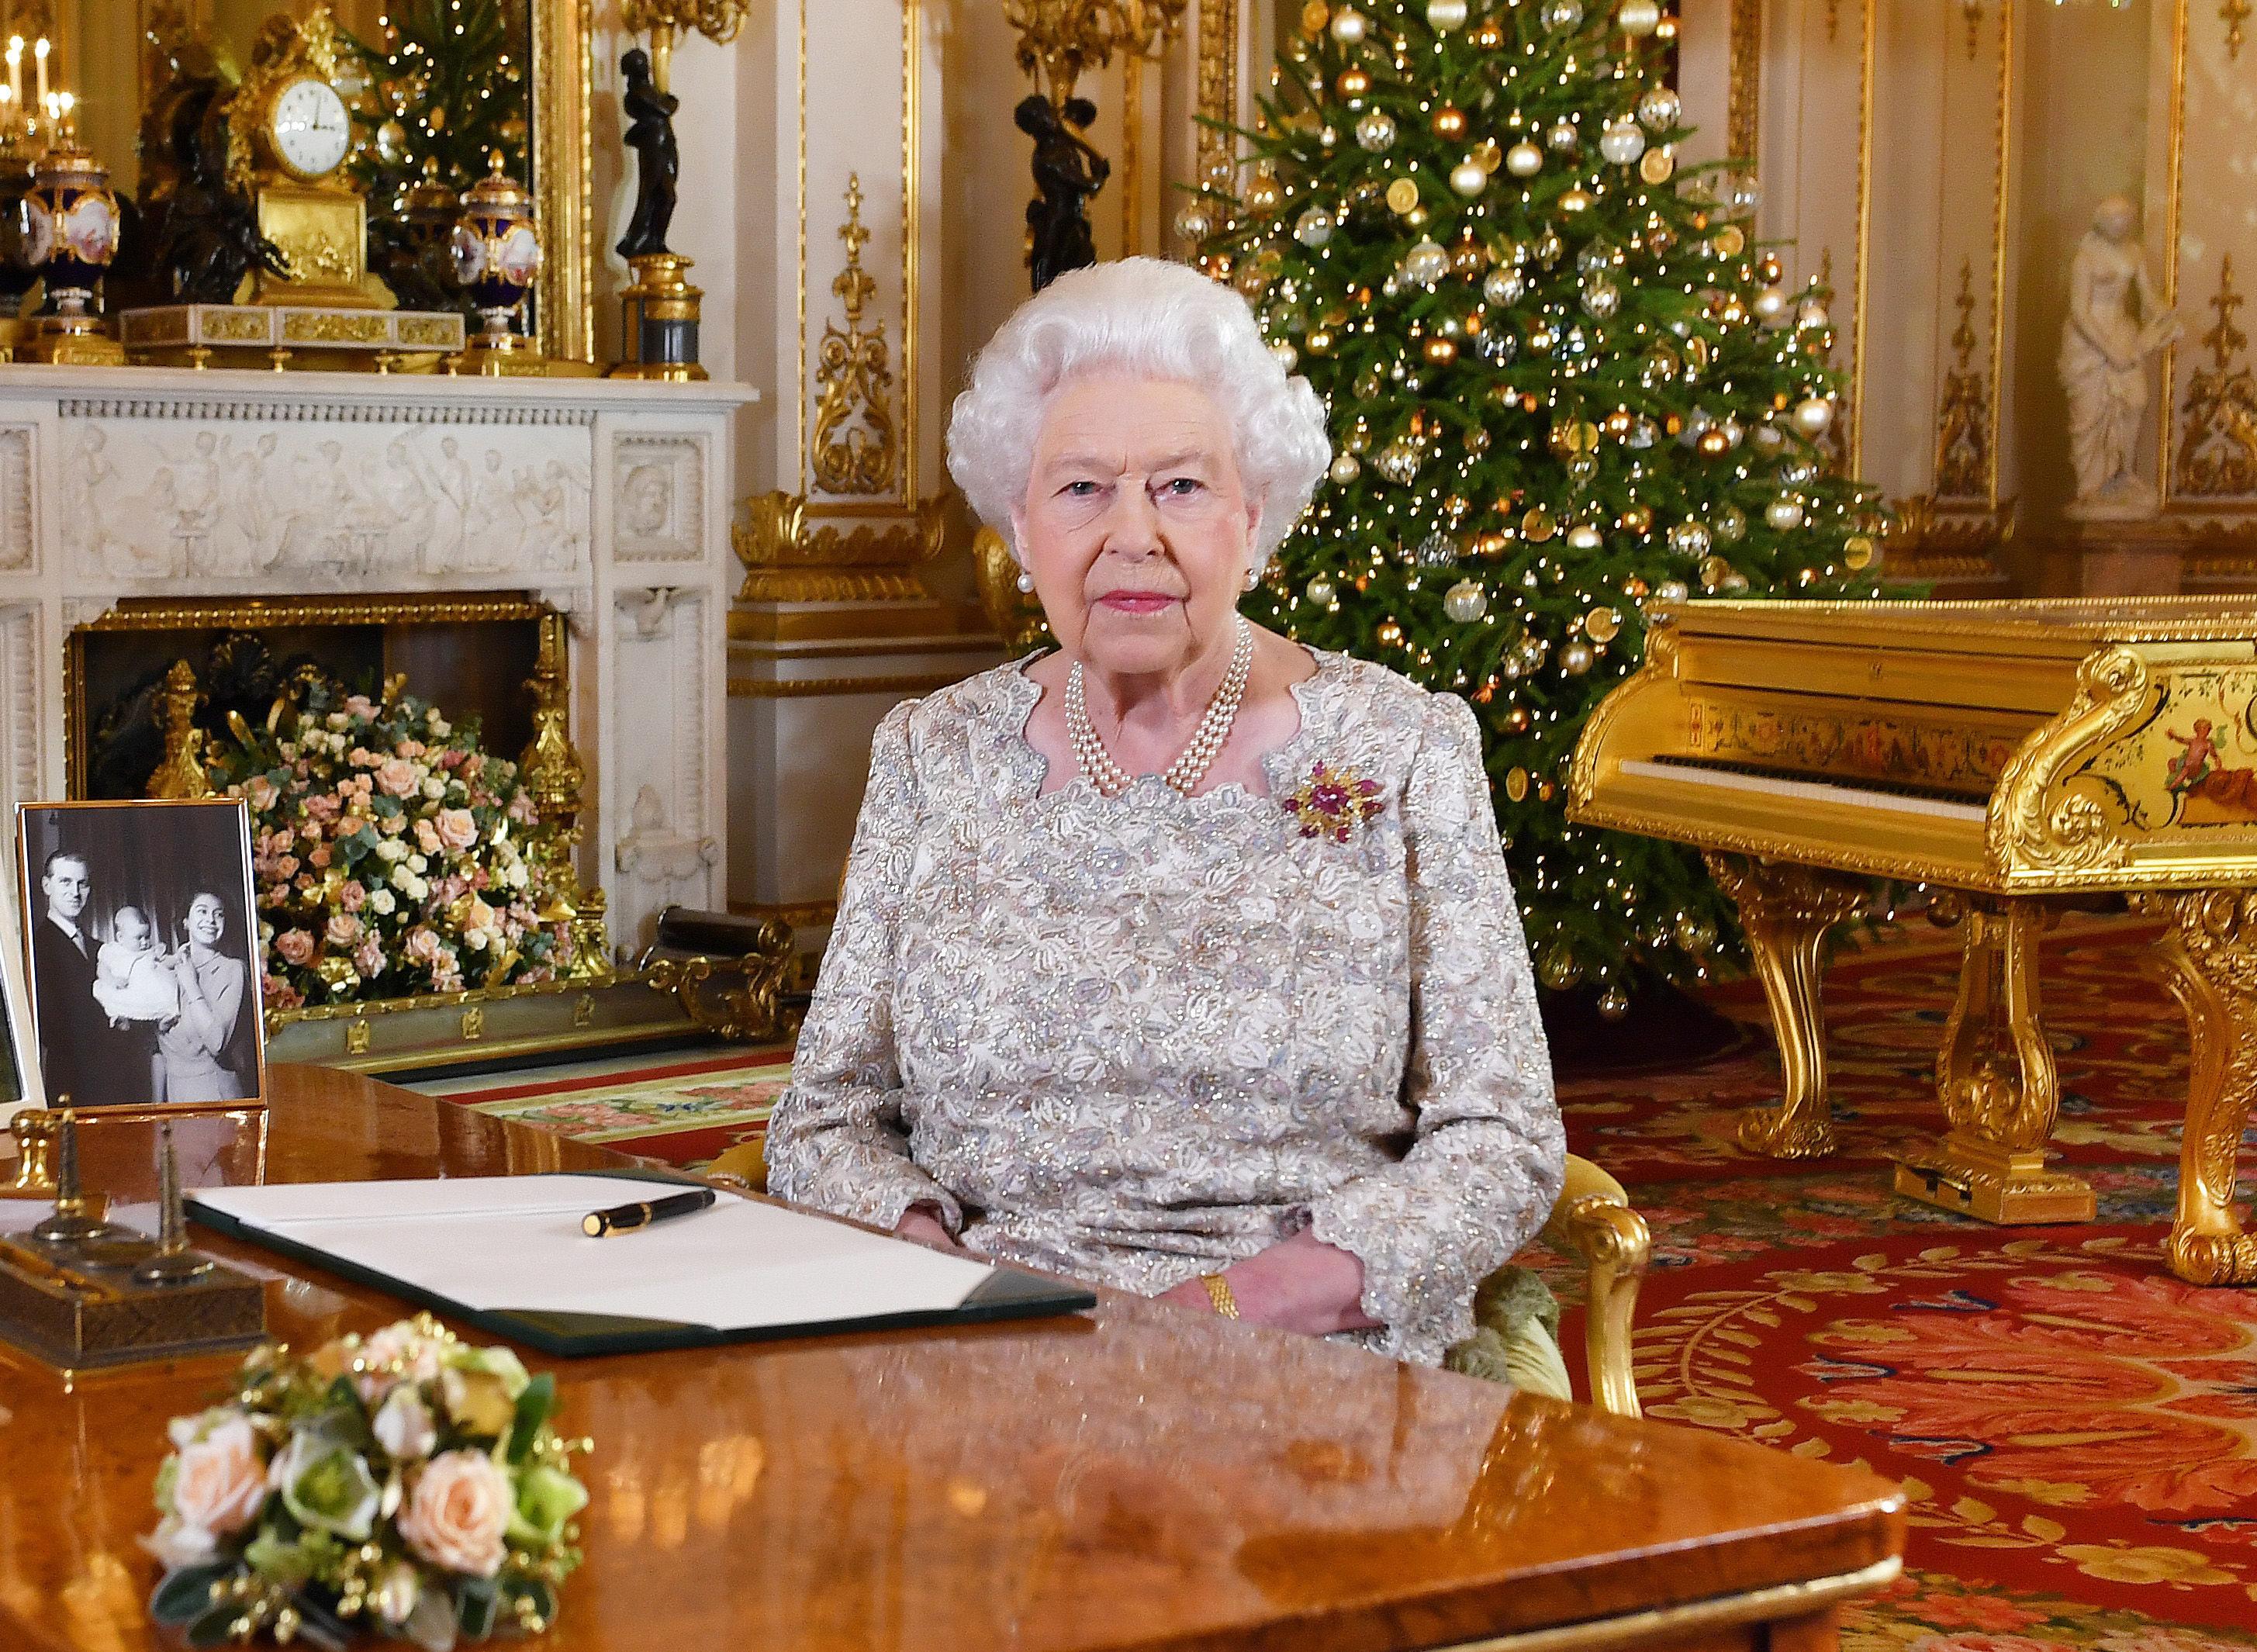 Discorsi Di Auguri Per Natale.La Regina Elisabetta Gli Auguri Di Buon Natale E Quella Foto In Bianco E Nero Con Il Principe Carlo